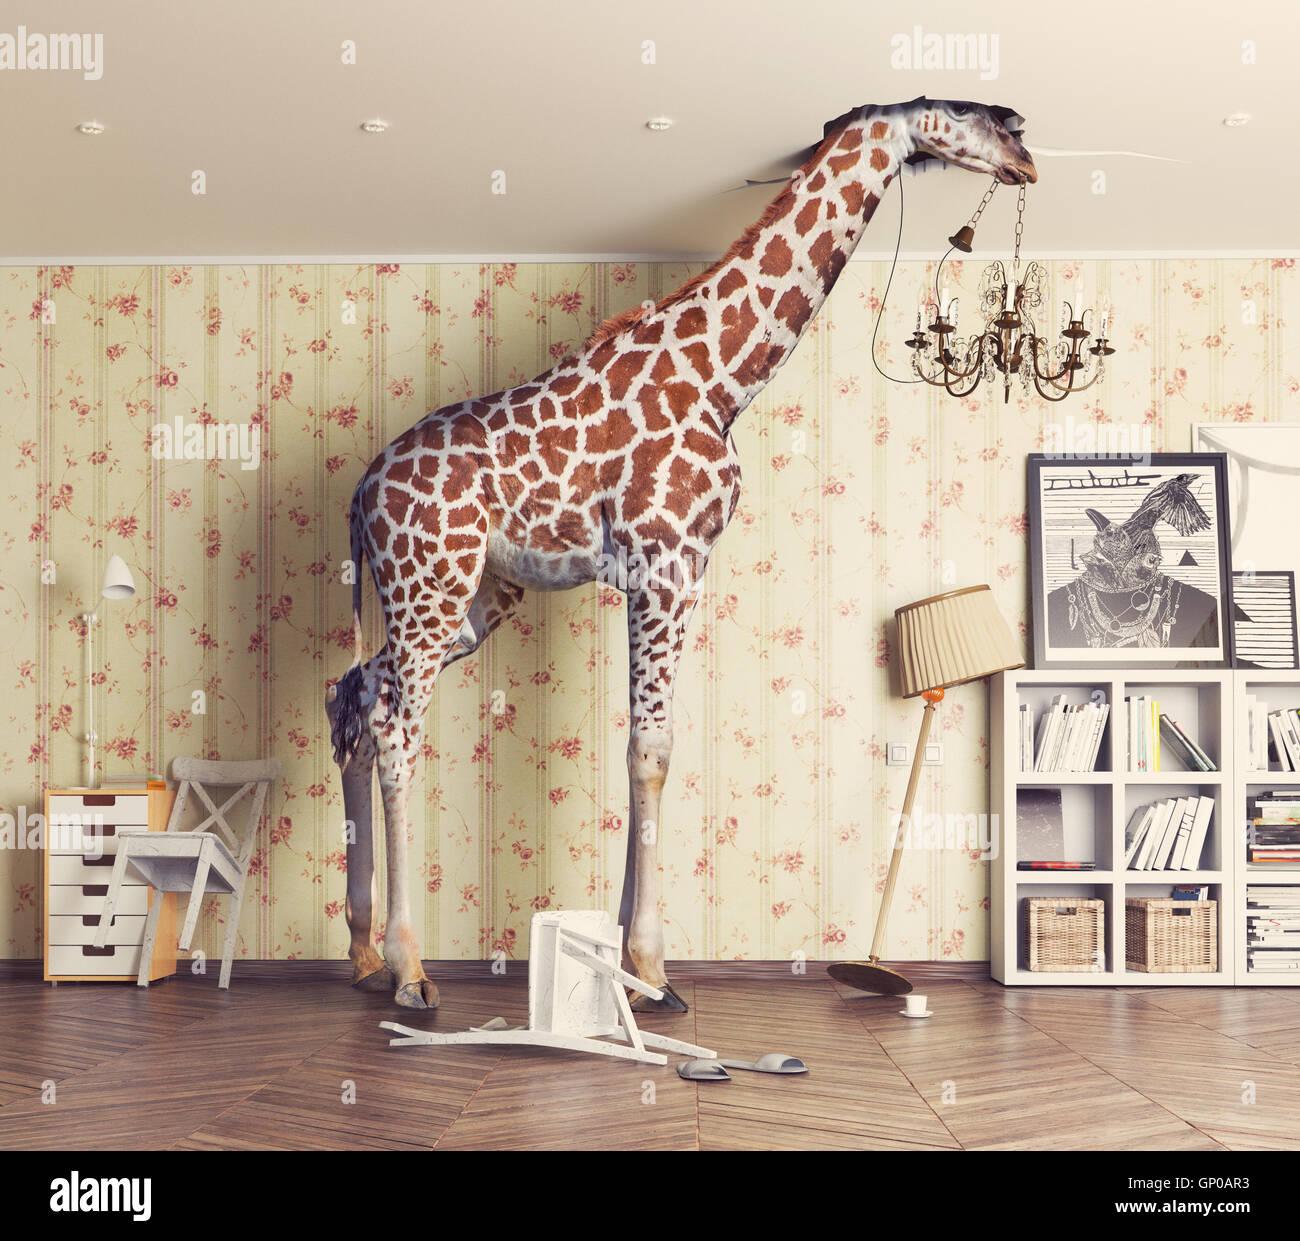 Giraffe rompe el techo de la sala. Concepto de combinación de fotografía Imagen De Stock